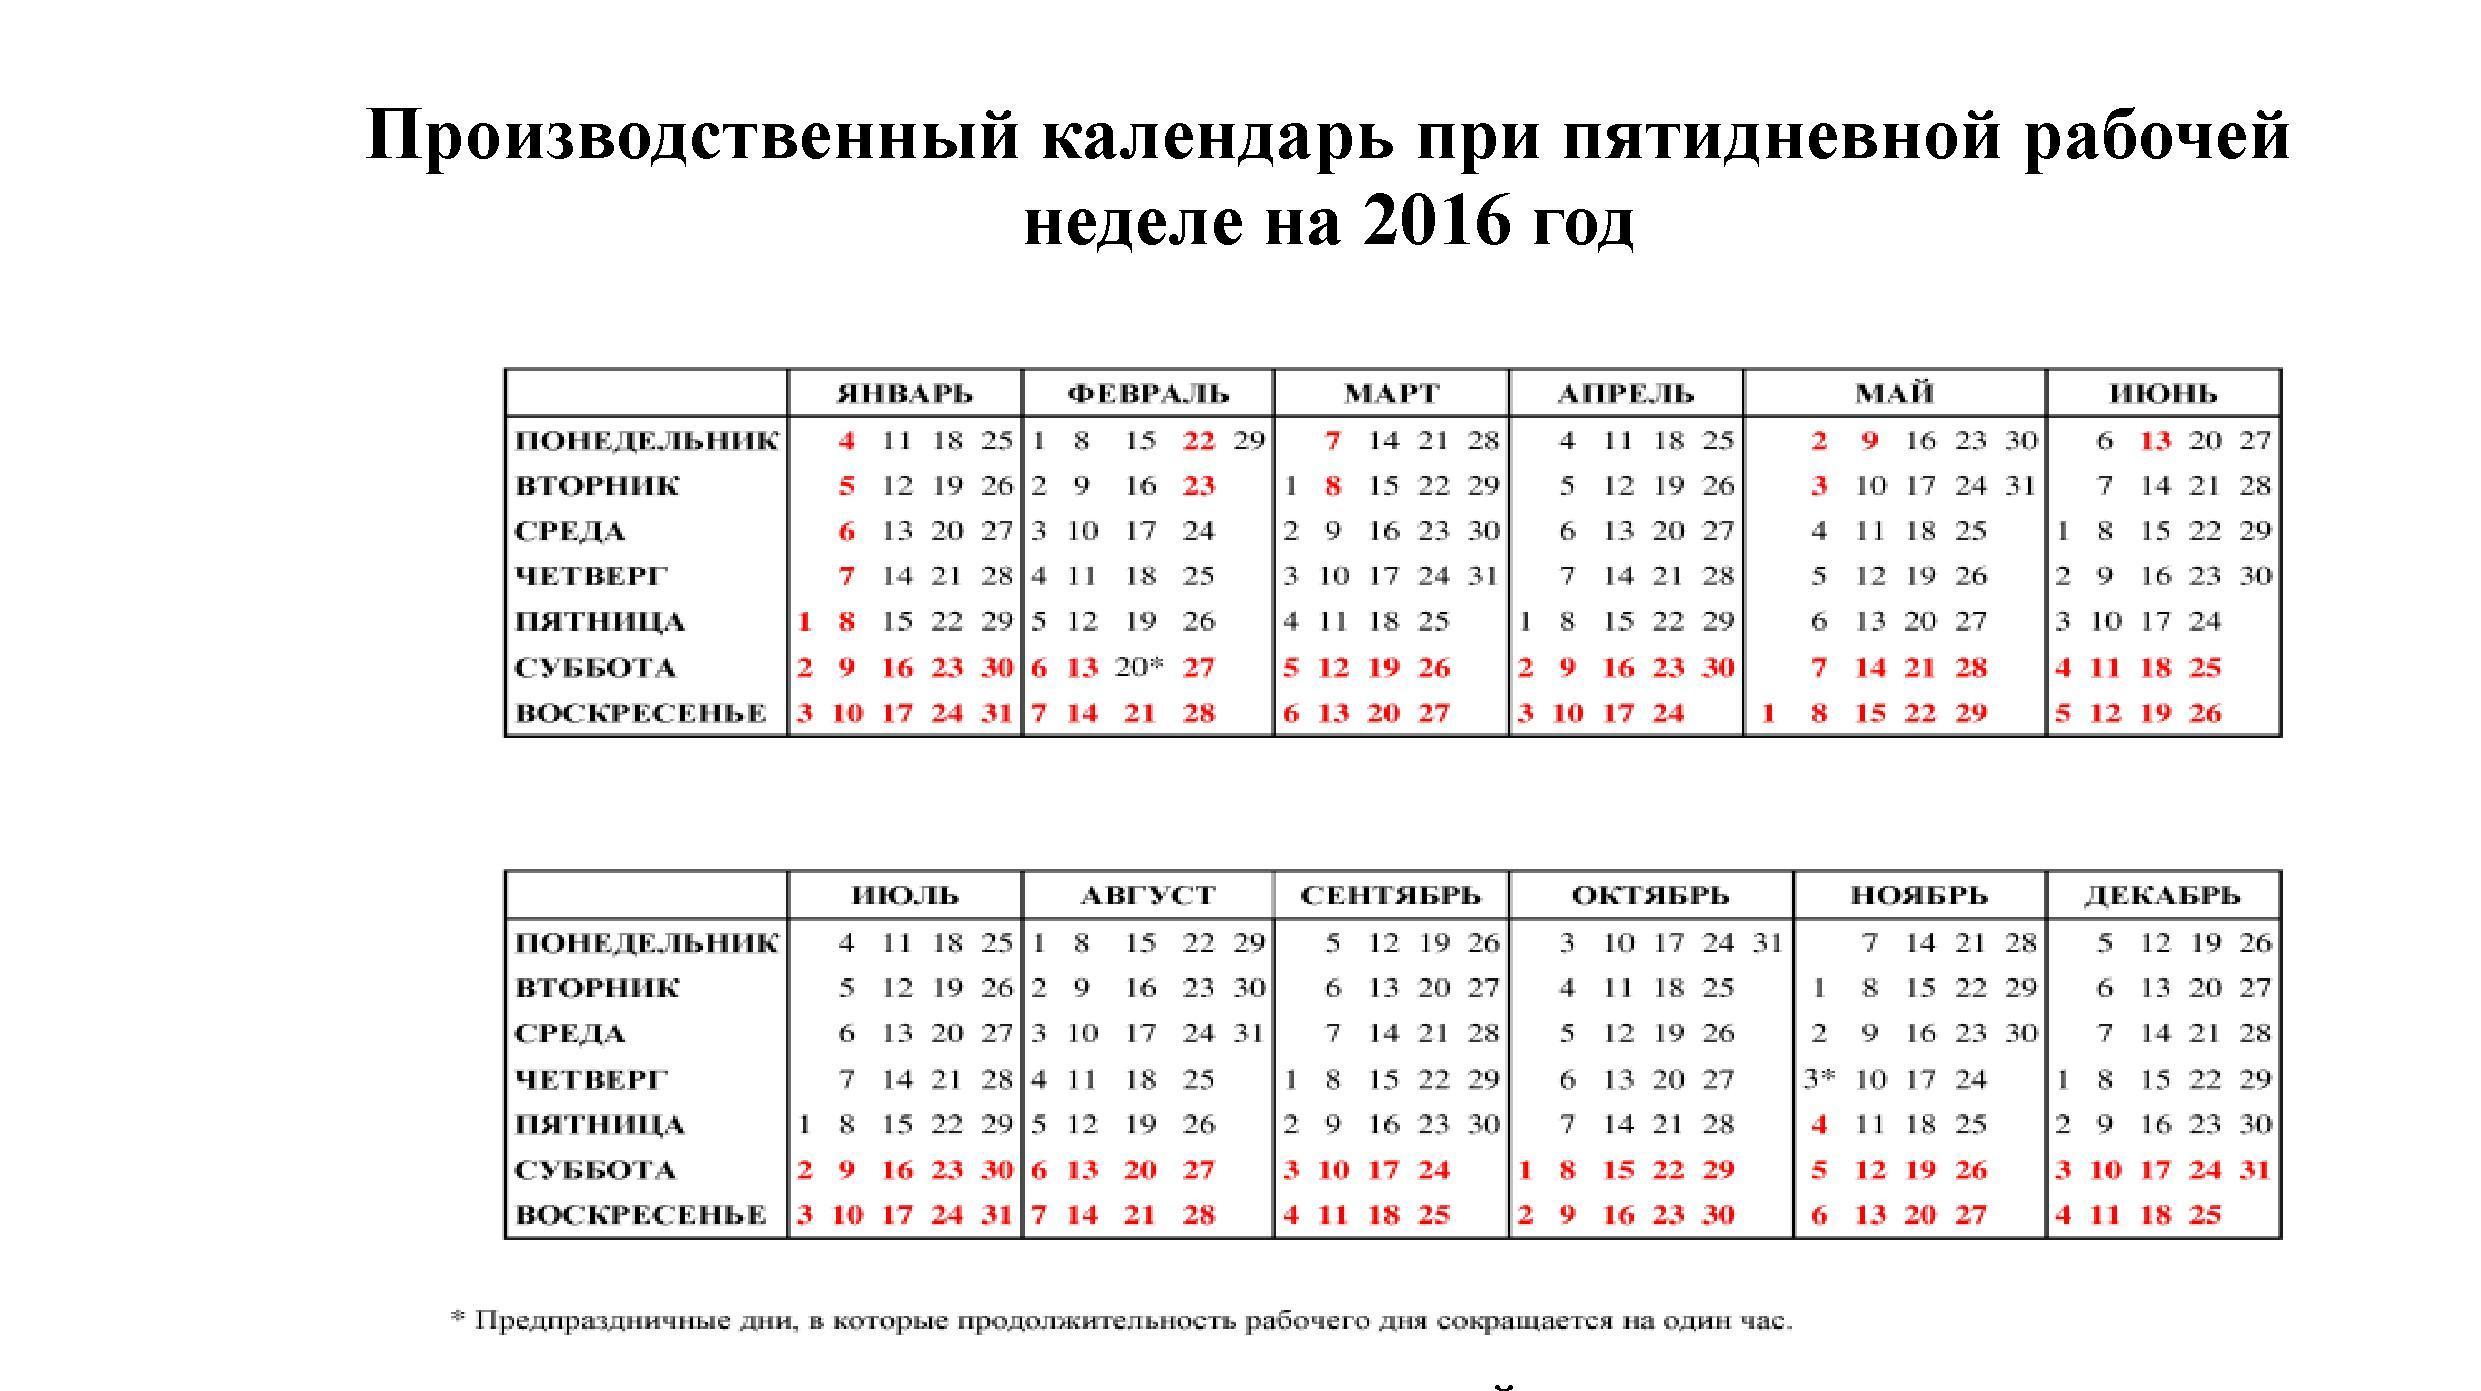 Как продать на ярмарке выходного дня в москве